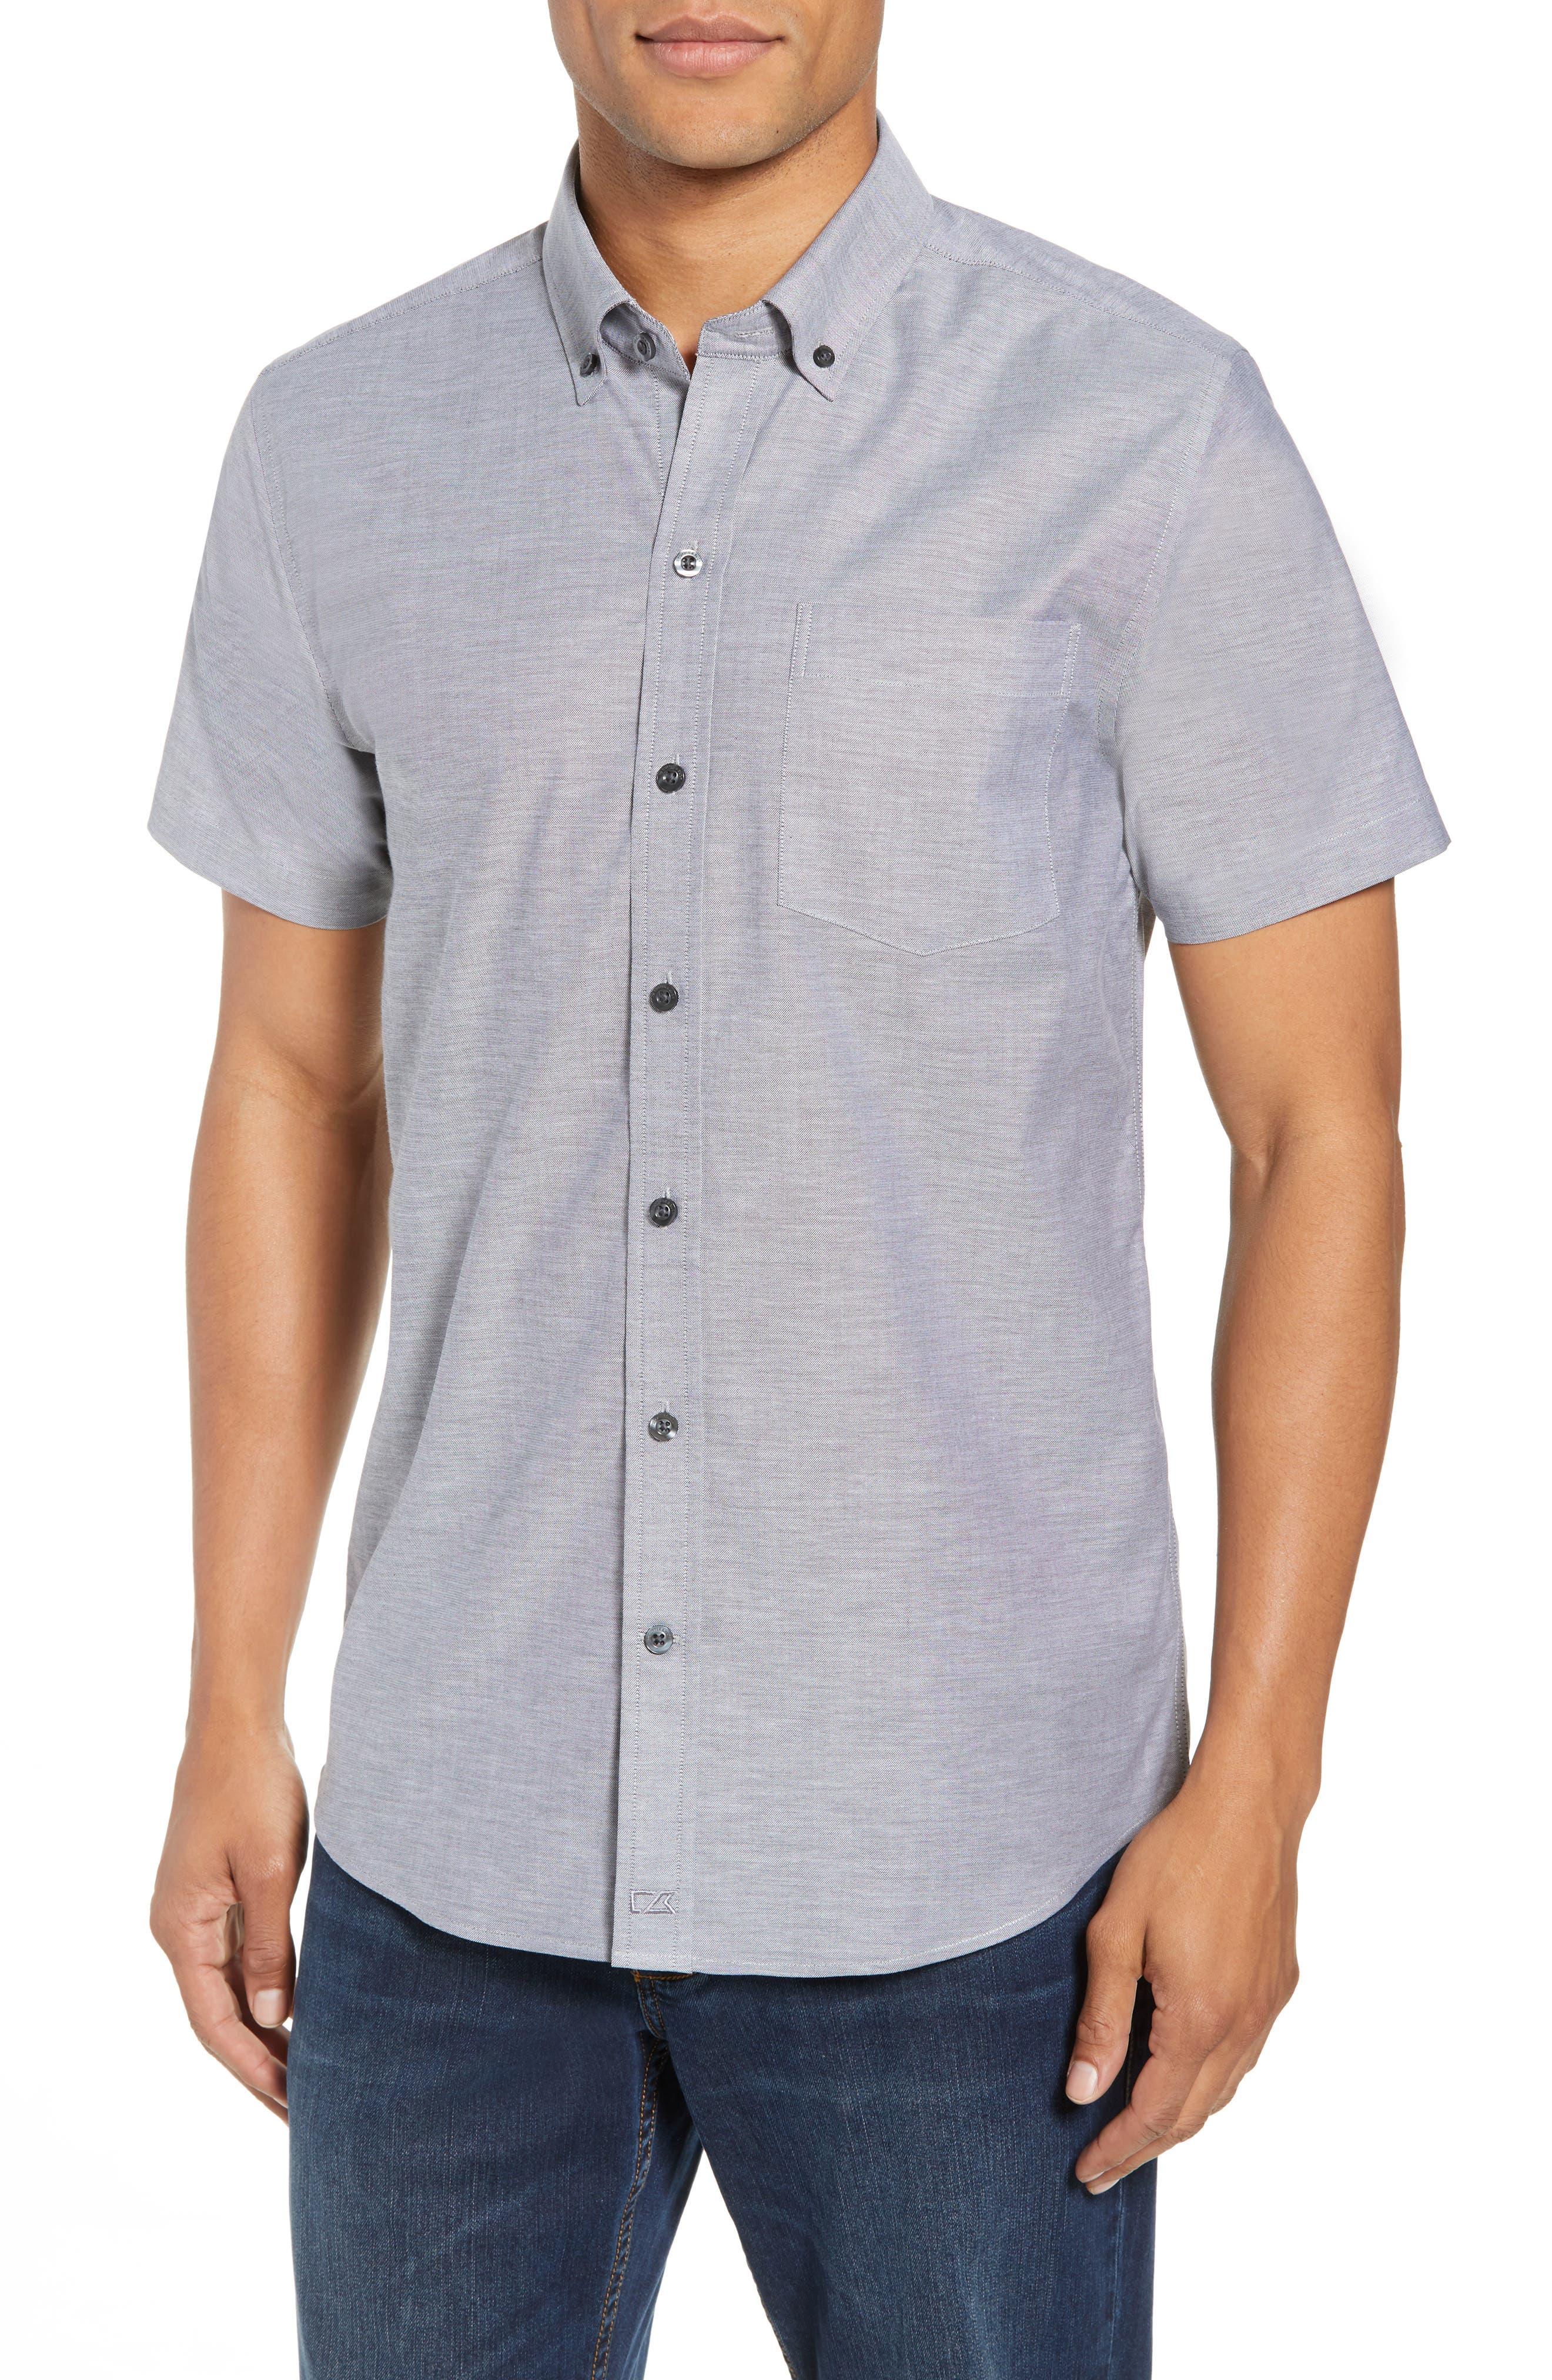 Cutter & Buck Tailor Regular Fit Oxford Sport Shirt, Black